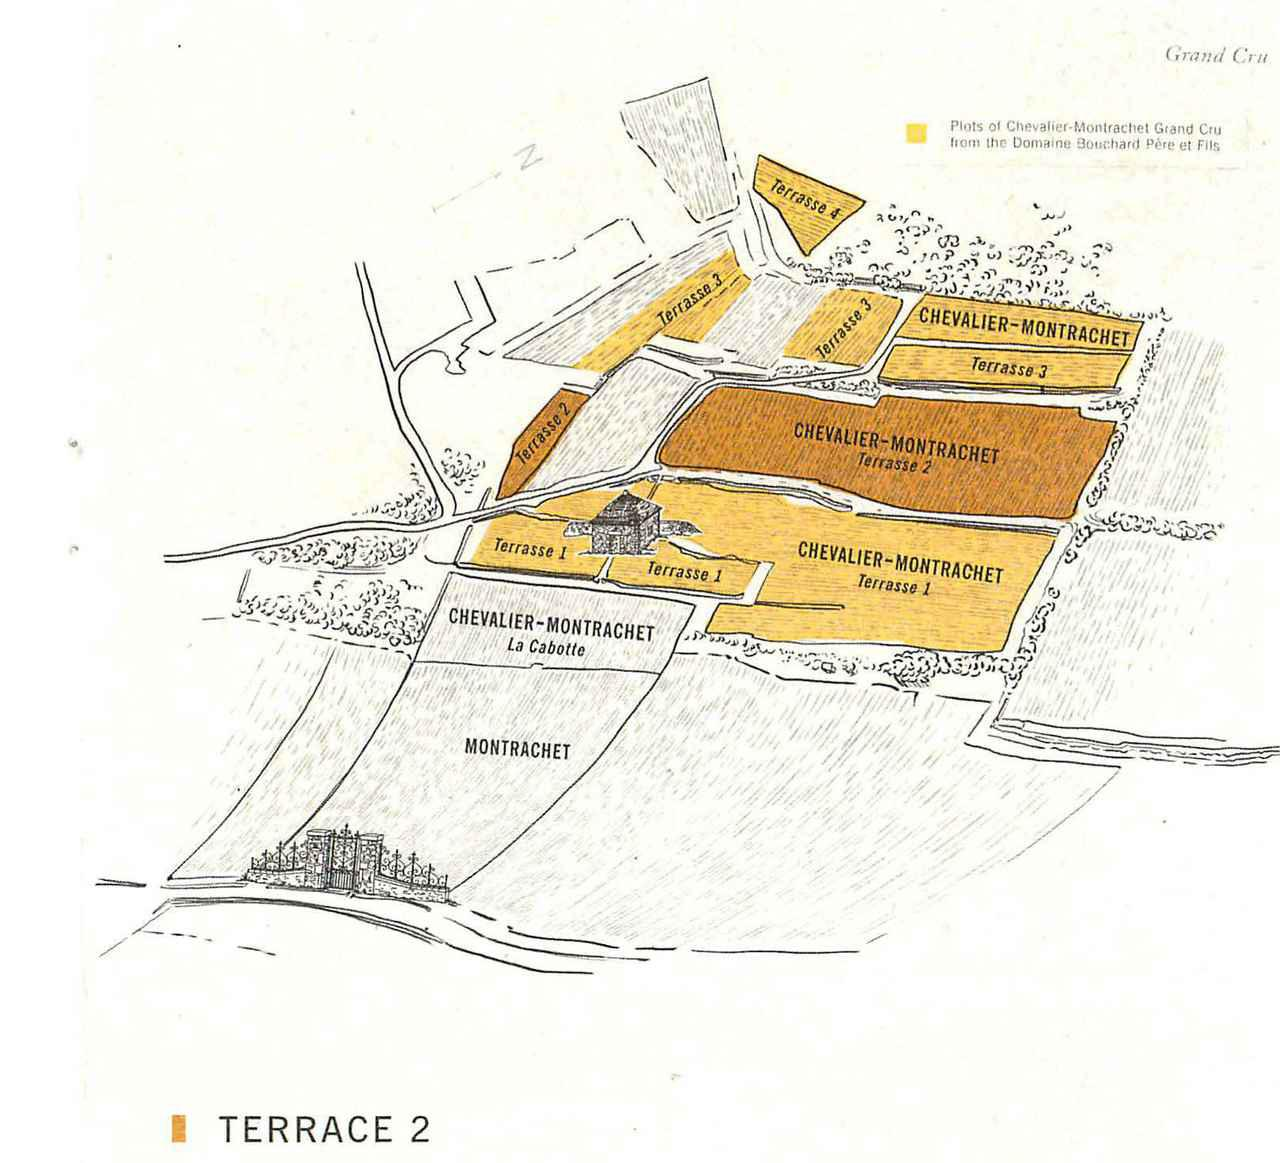 画像: シュヴァリエ・モンラッシェの四つのテラスのうち、2番目(濃い色の部分)が最もバランスがいい